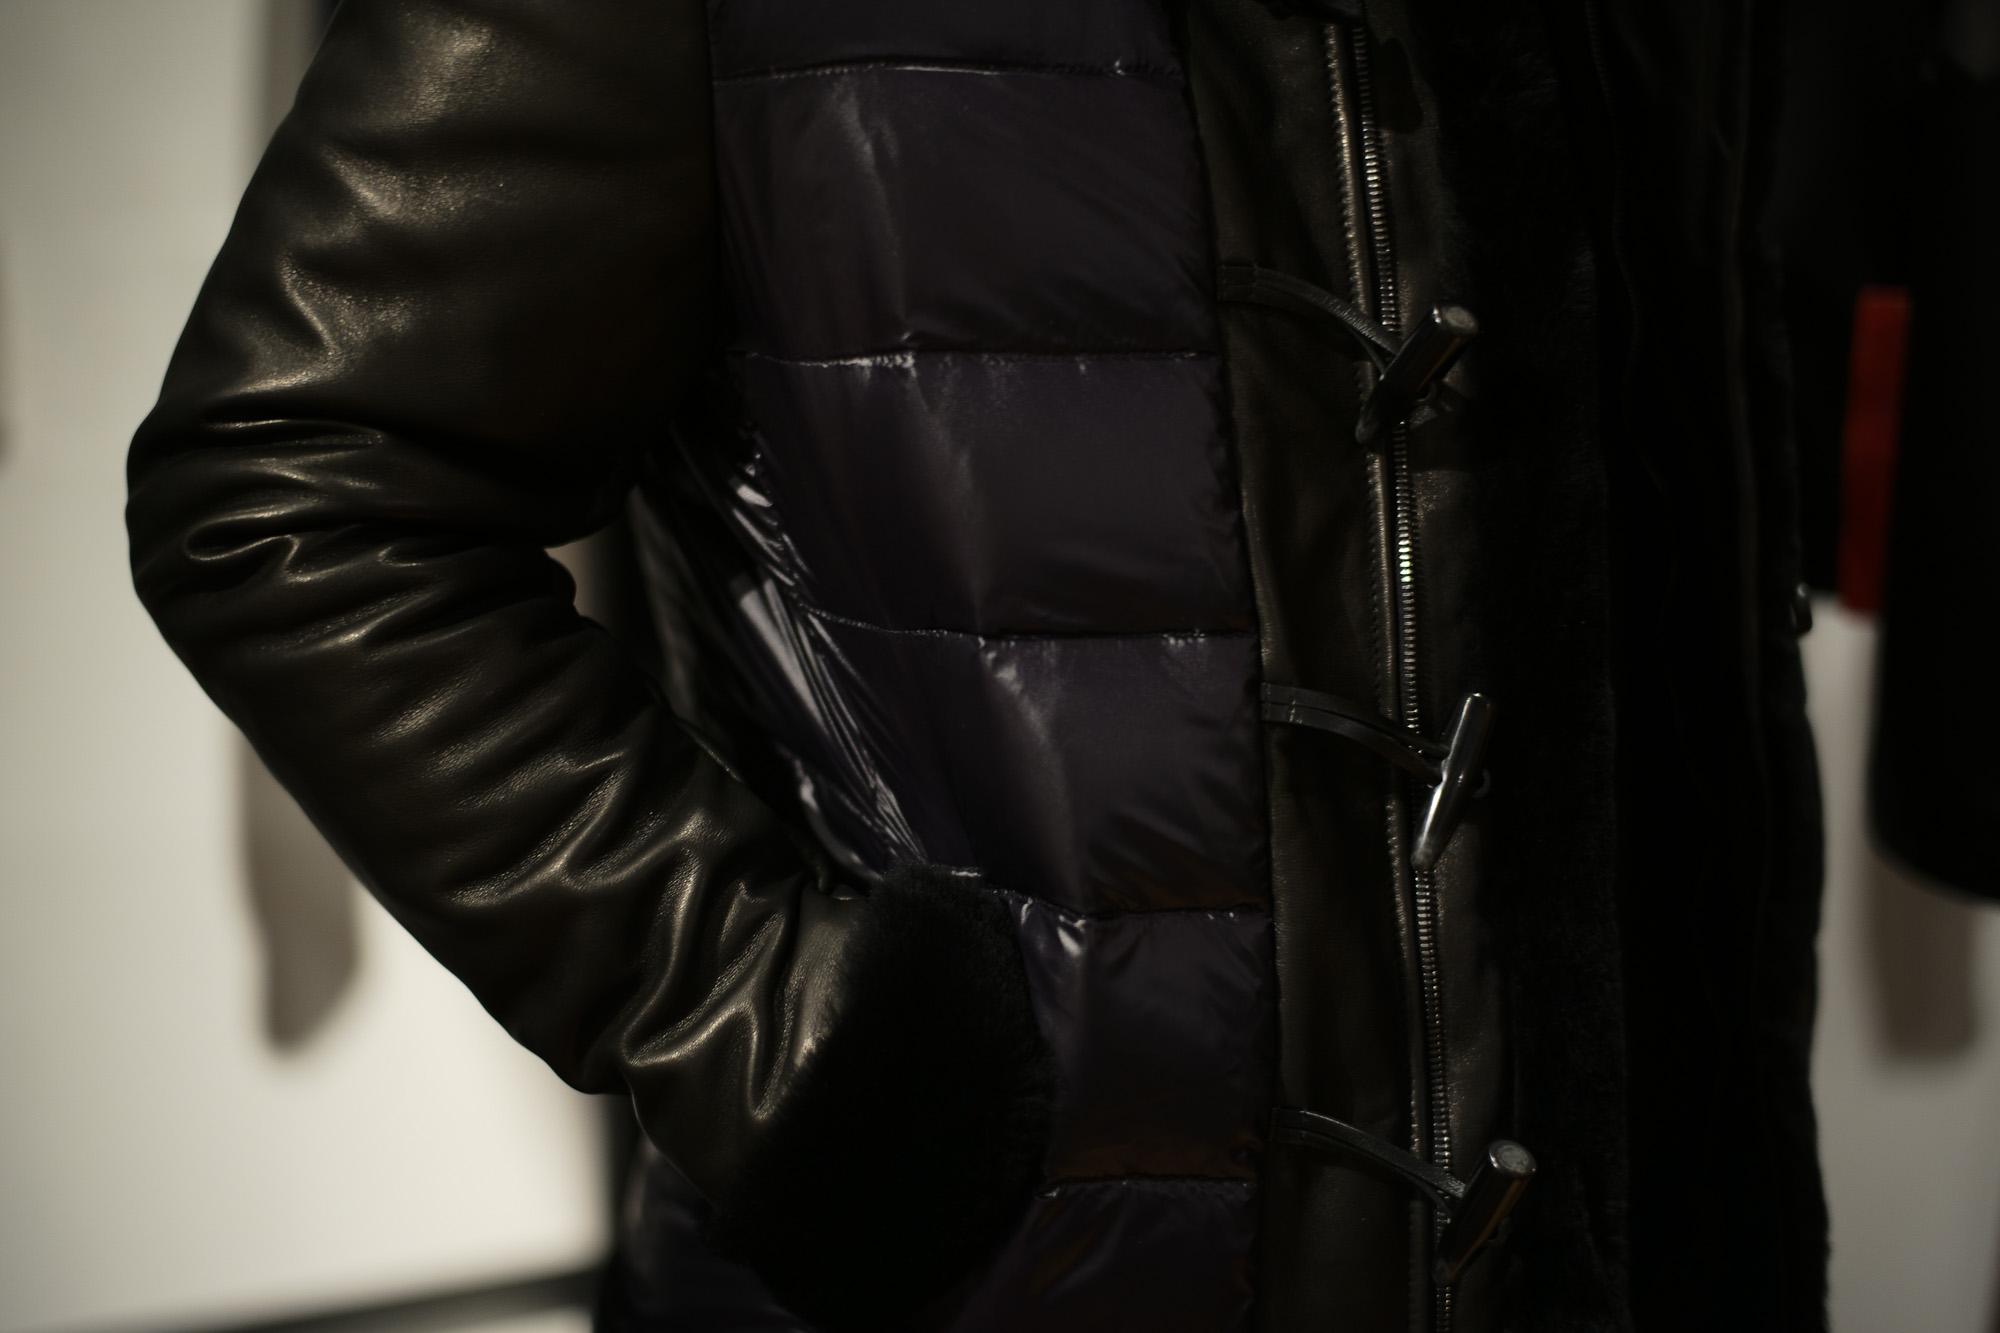 EMMETI (エンメティ) FERNANDO (フェルナンド) Lambskin Nappa Leather × Mouton × Nylon (ラムナッパレザー × ムートン × ナイロン) ムートンダウンジャケット NERO (ブラック・190/1) Made in italy (イタリア製) 2018 秋冬  emmeti ダウン ムートン レザー 愛知 名古屋 Alto e Diritto アルト エ デリット